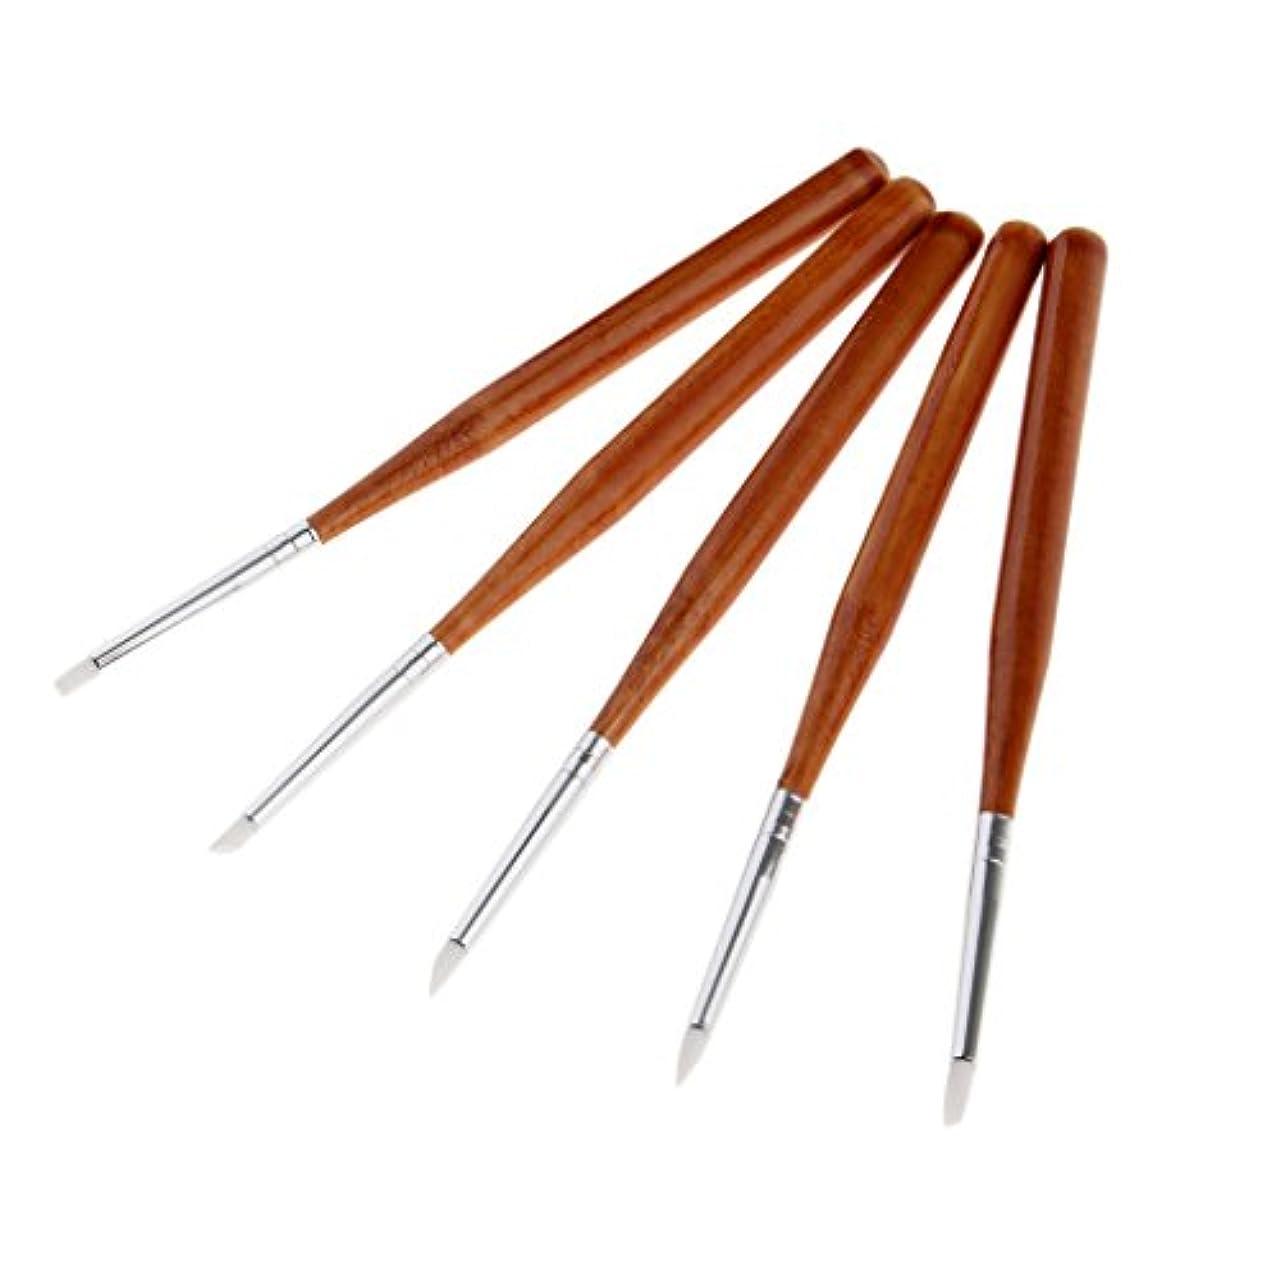 強調無心容量5本 ネイルアートペン ネイルブラシ ネイル 彫刻ペン 高品質 シリコンヘッド DIY 3タイプ選べる - 13cm